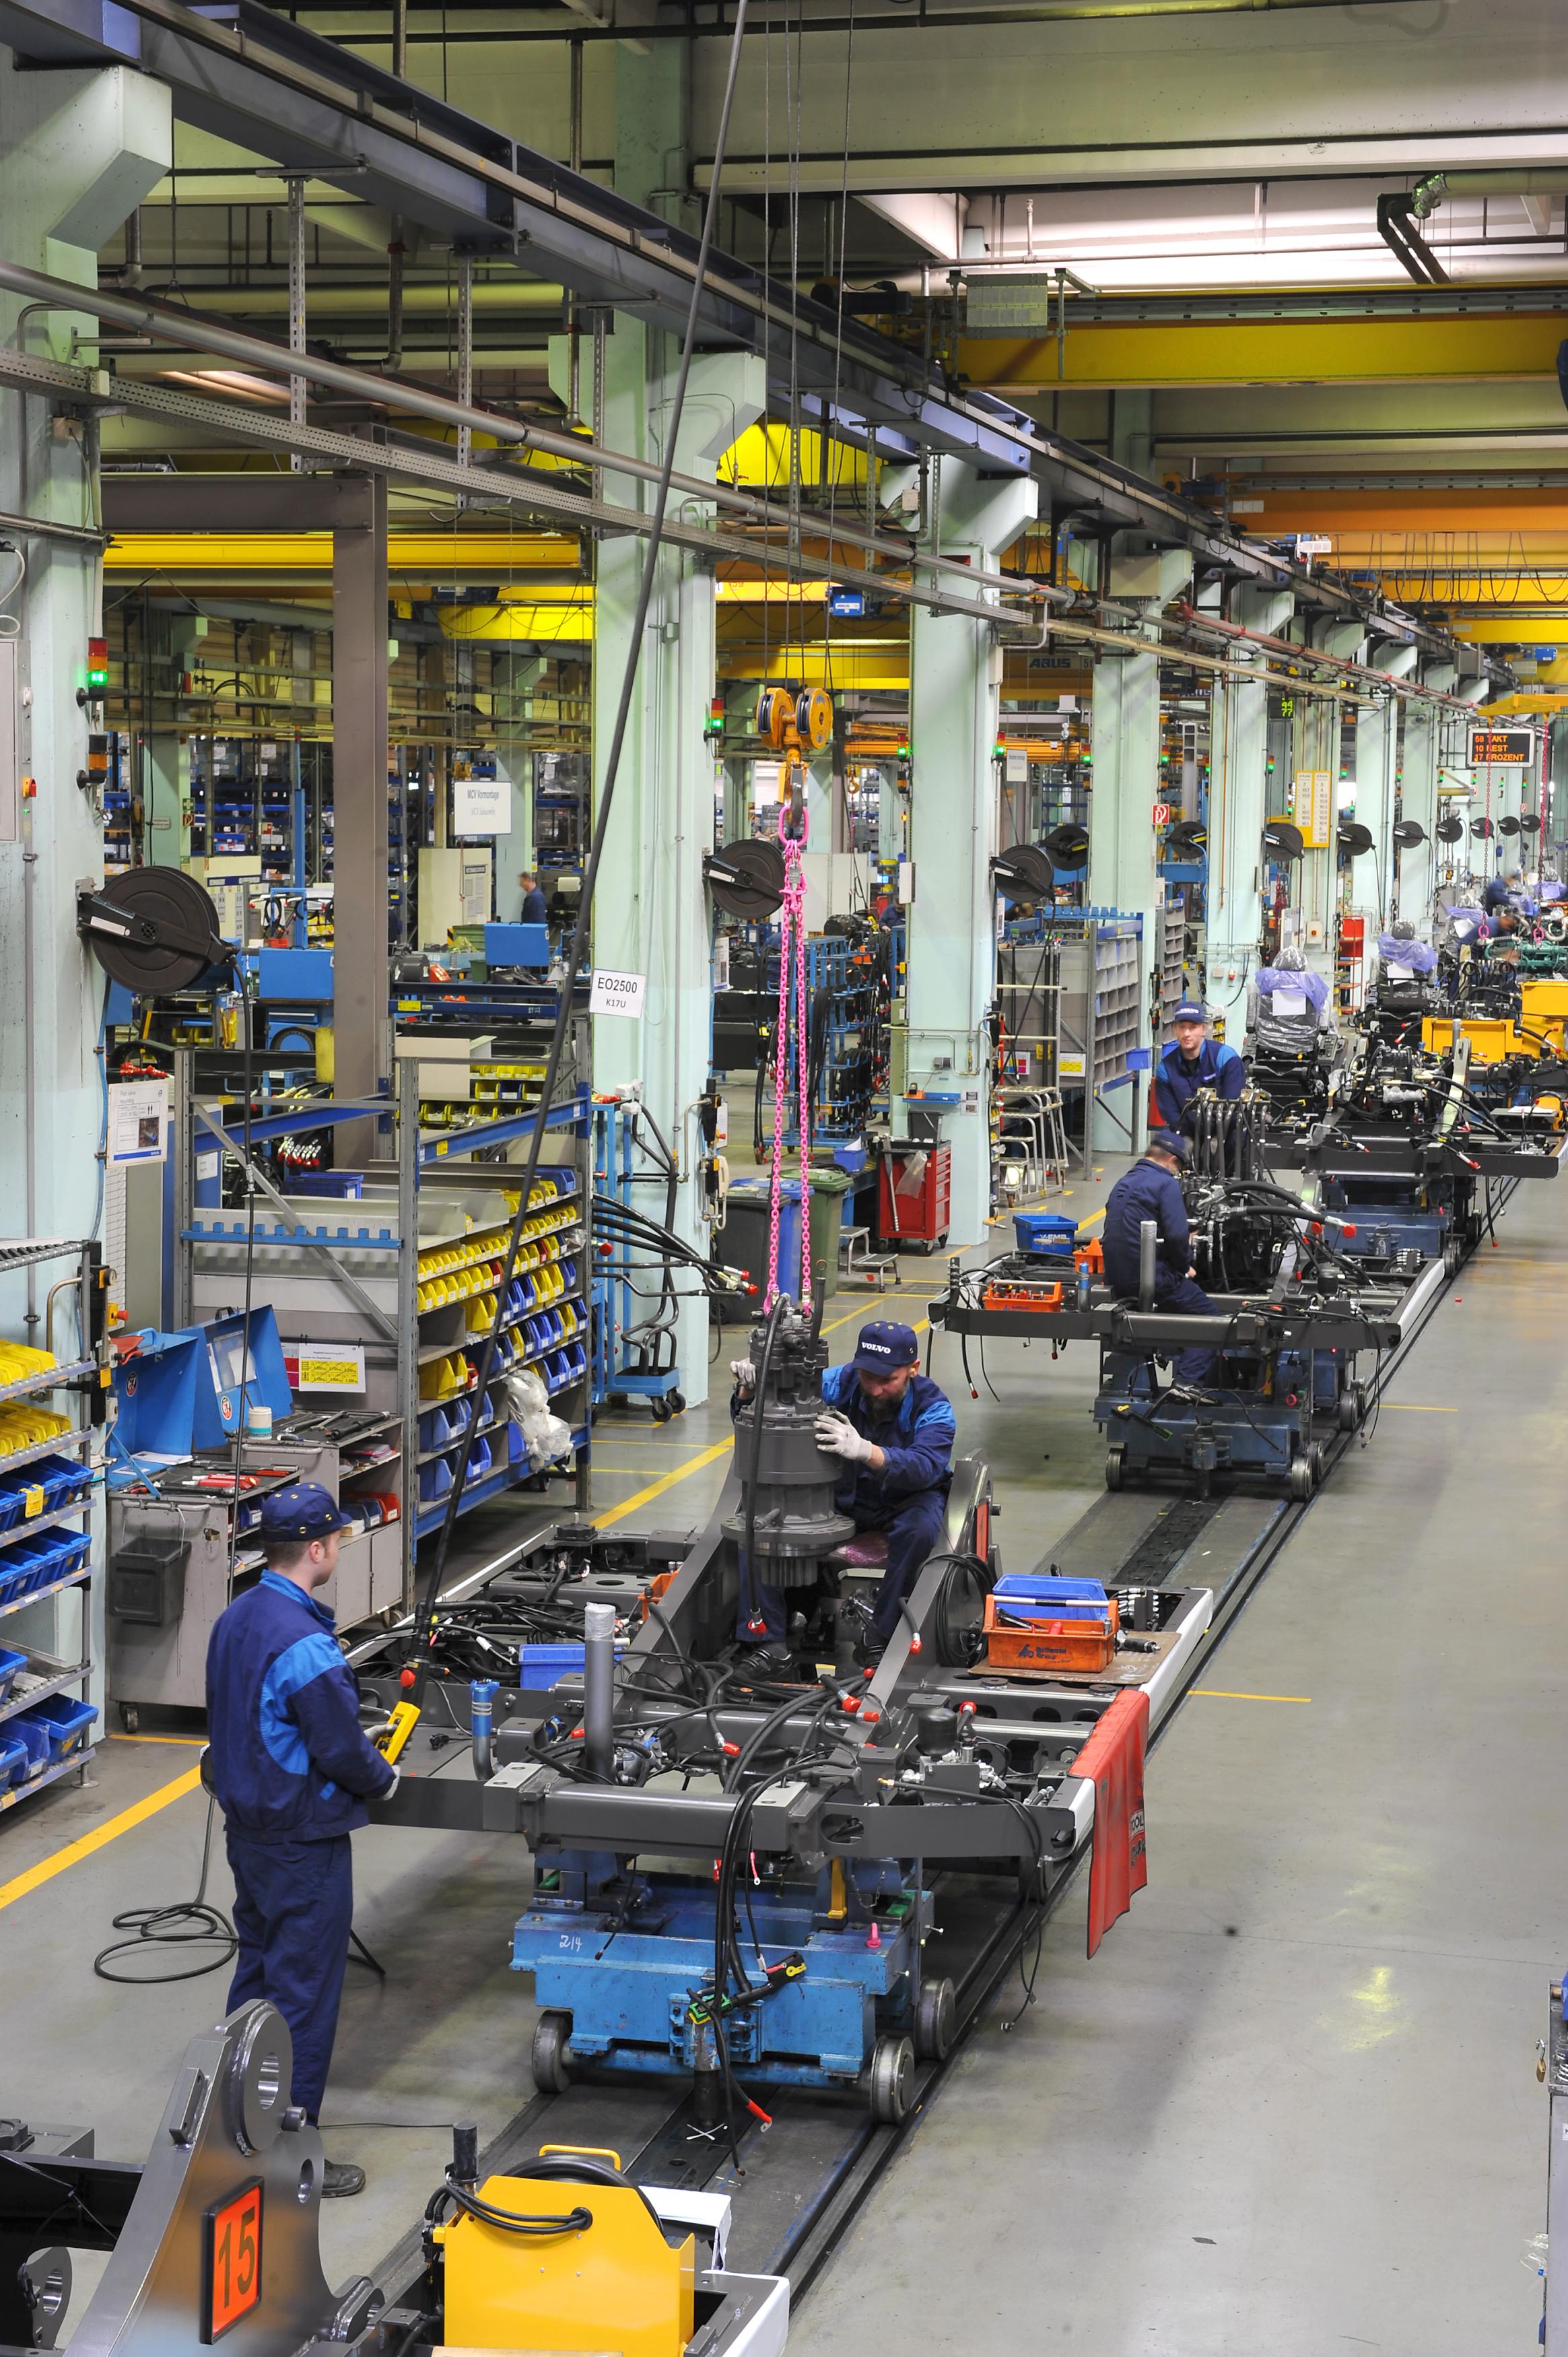 <p>Beeldvaneen assemblagestraatin de Volvo-fabriek inKonz.</p>